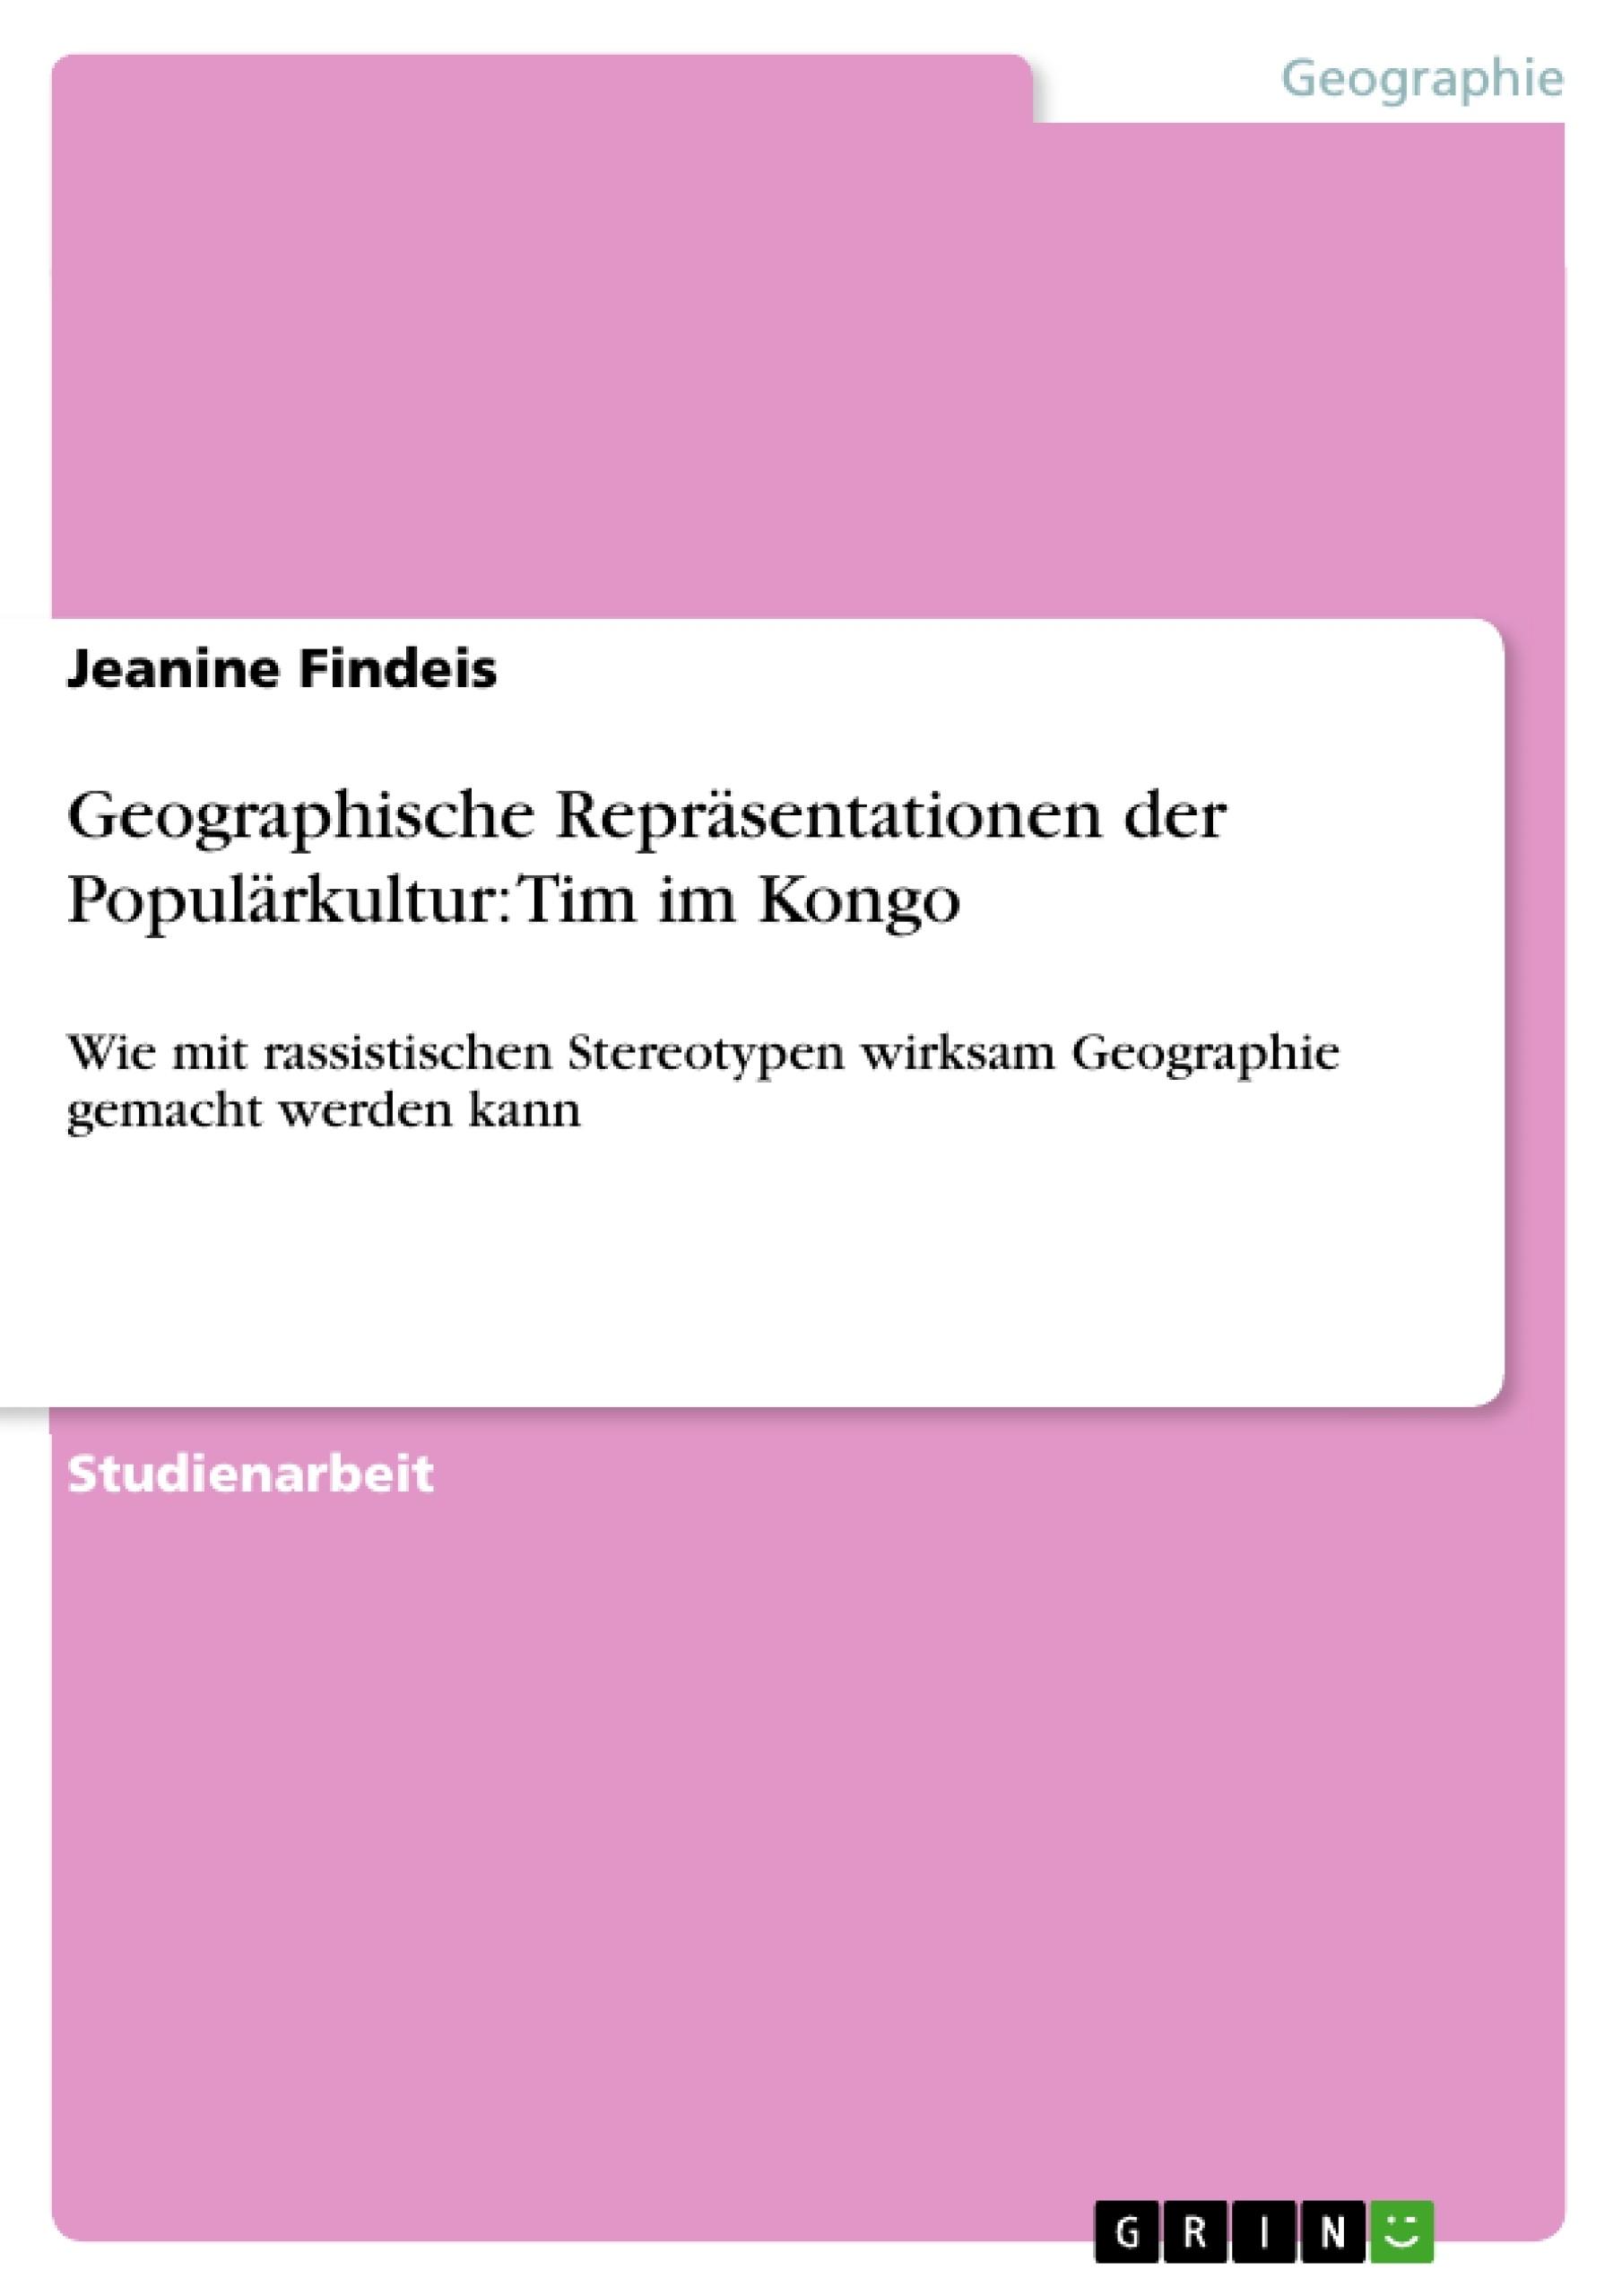 Titel: Geographische Repräsentationen der Populärkultur: Tim im Kongo